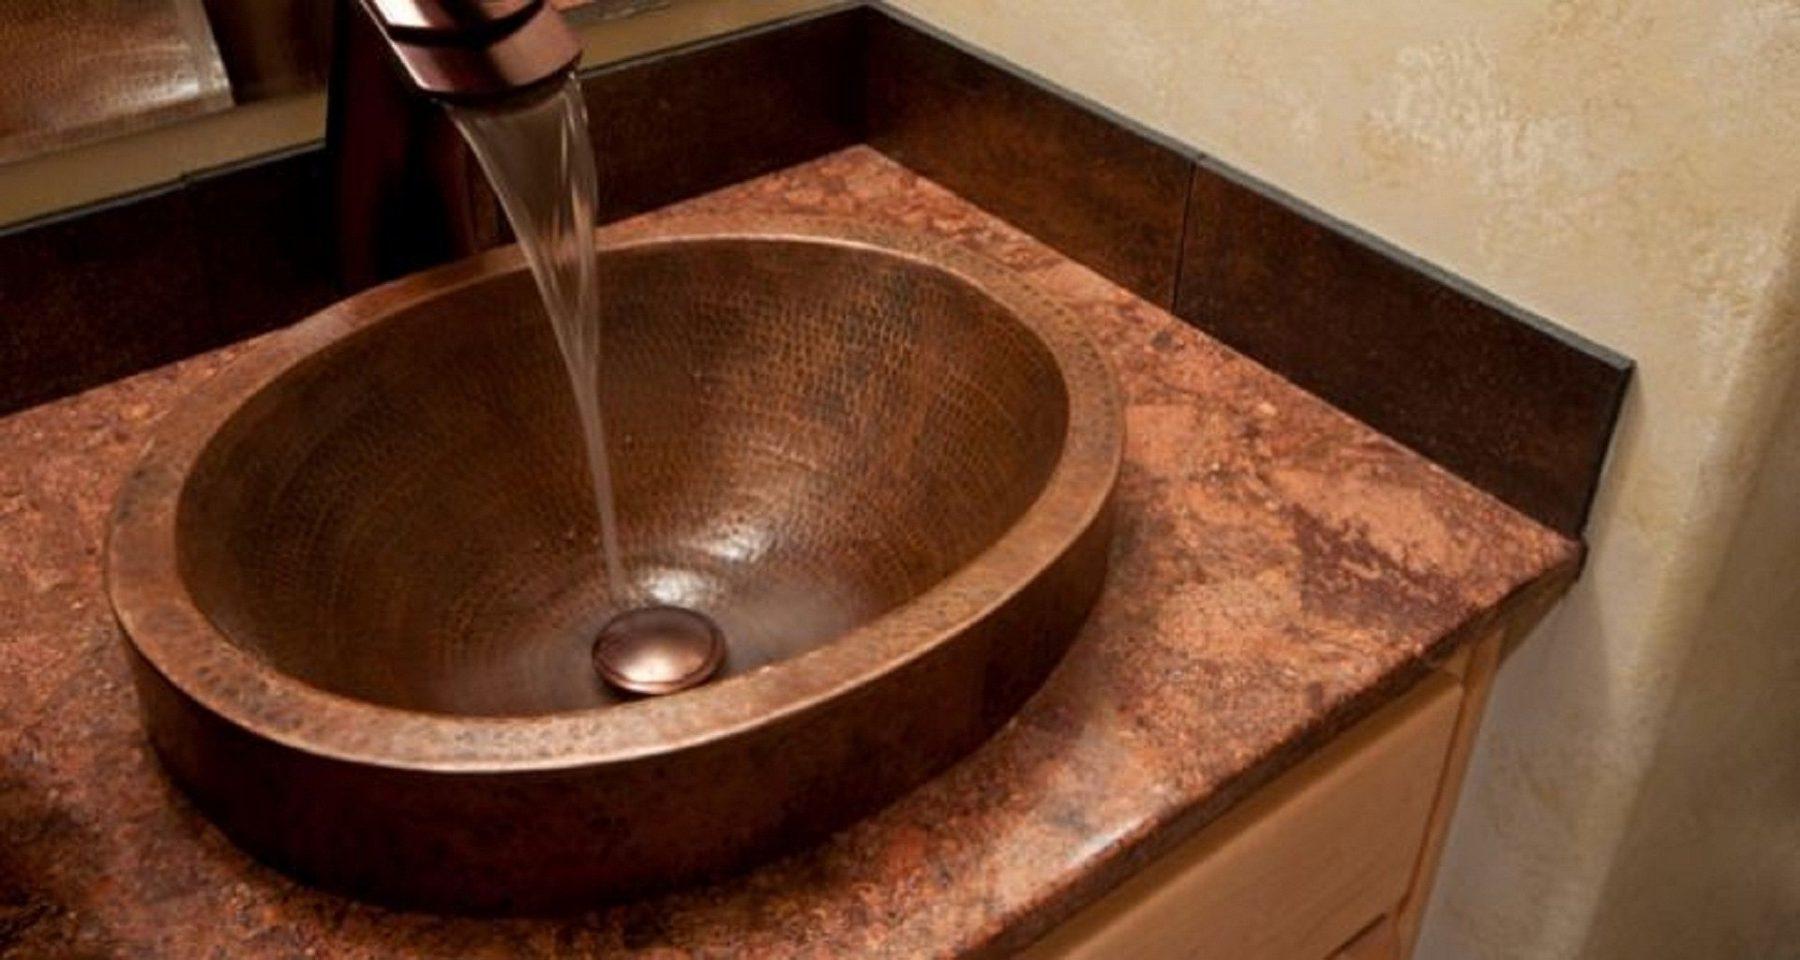 Schickes Waschbecken aus Kupfer. Foto: Pixabay